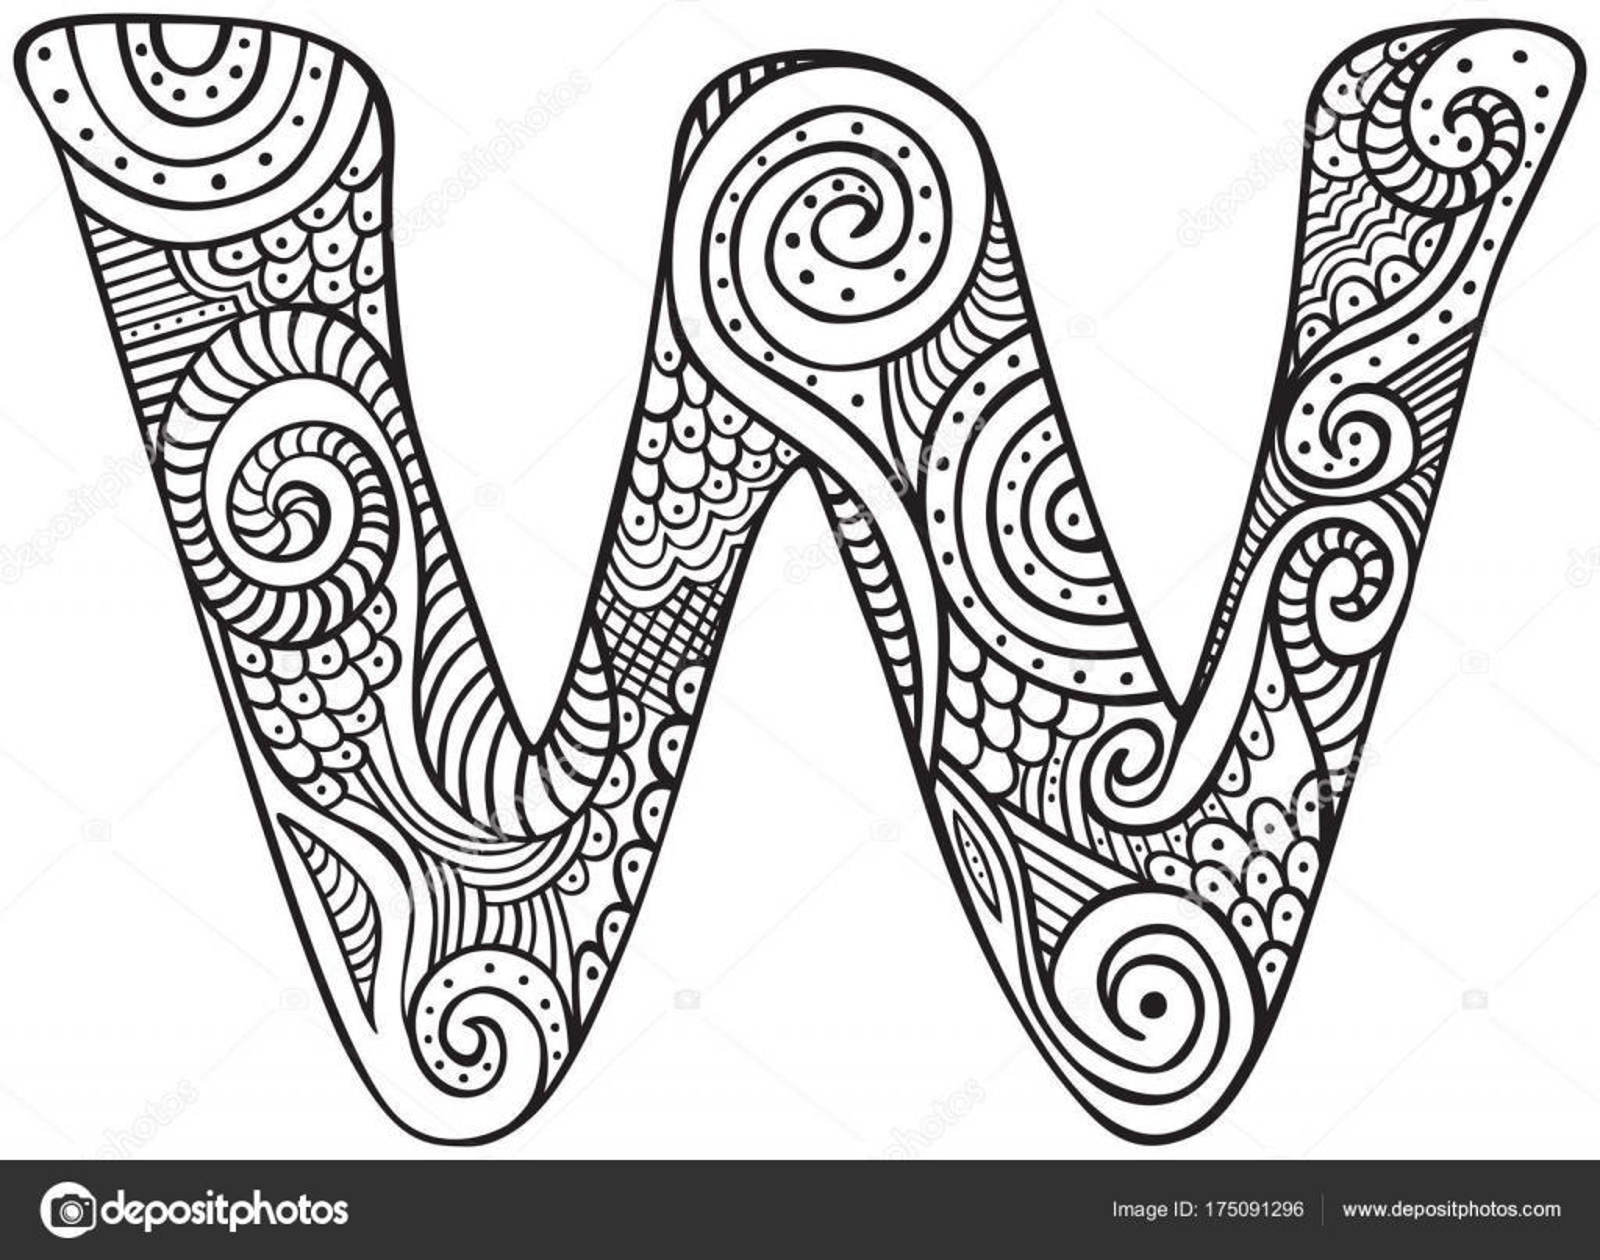 Dibujo letra W — Archivo Imágenes Vectoriales © nahhan #175091296